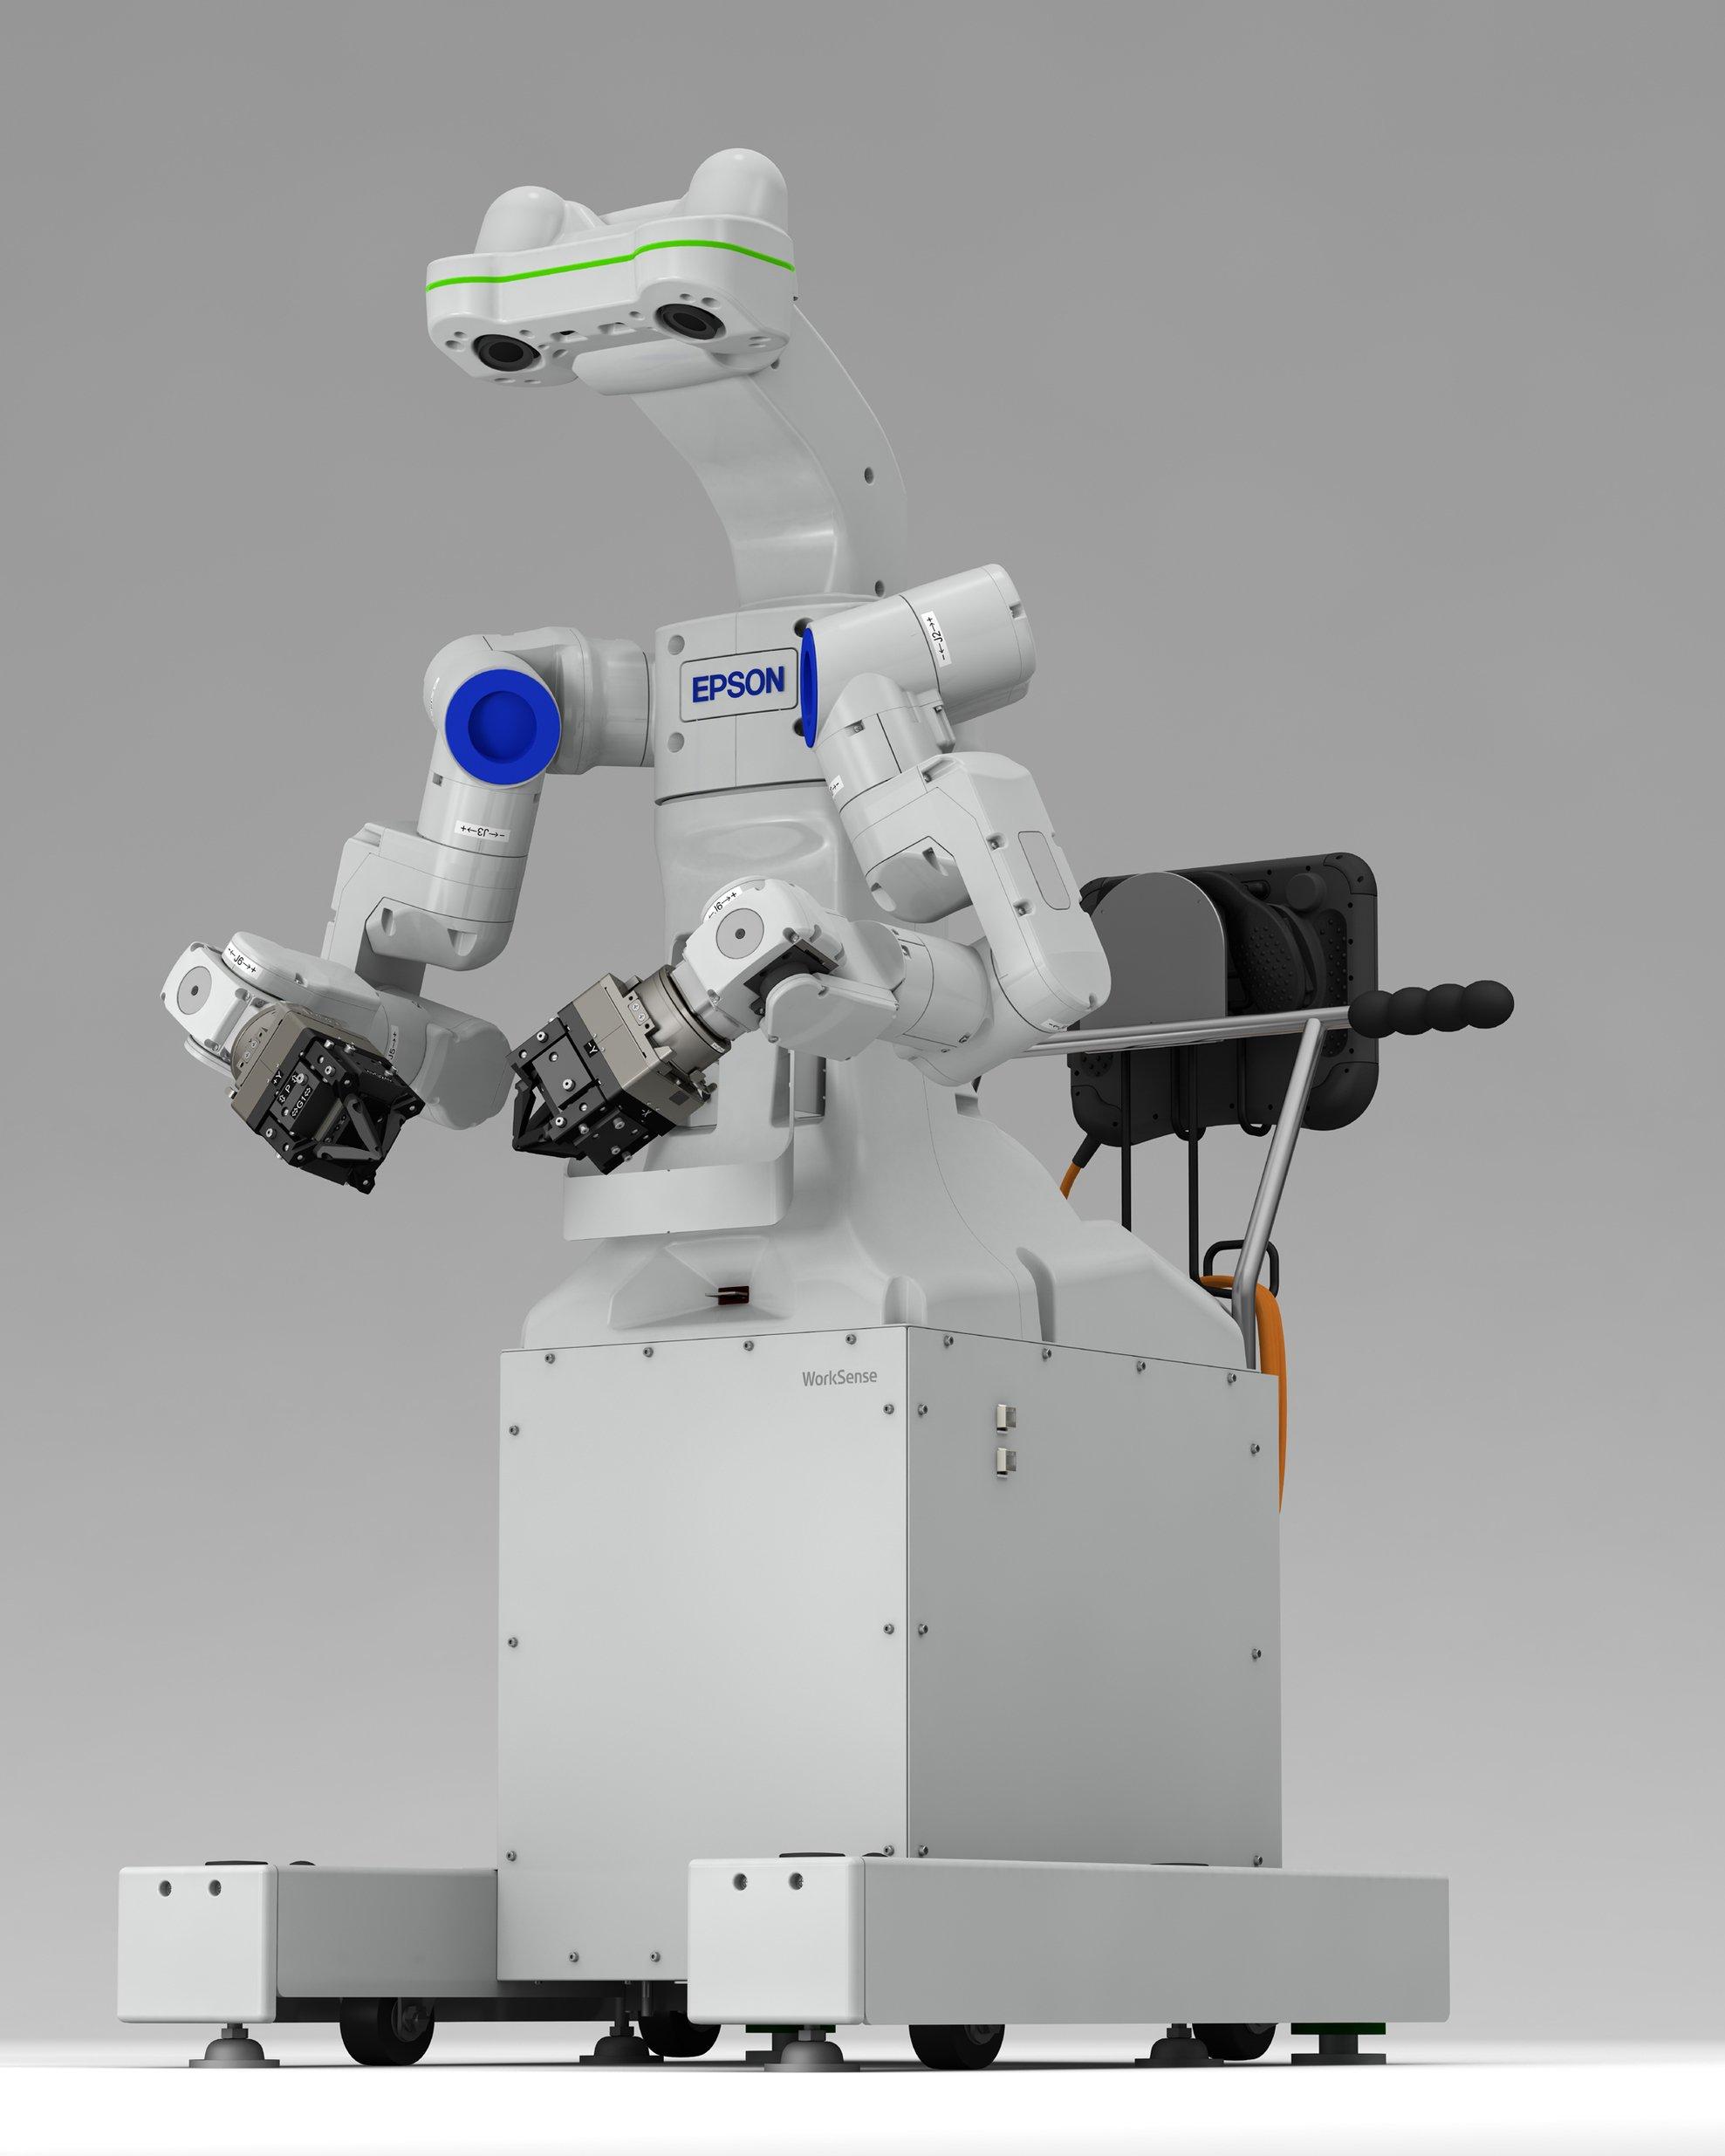 للراغبين بالفوز بروبوت الاشتراك بمسابقة Win-a-robot من Epson